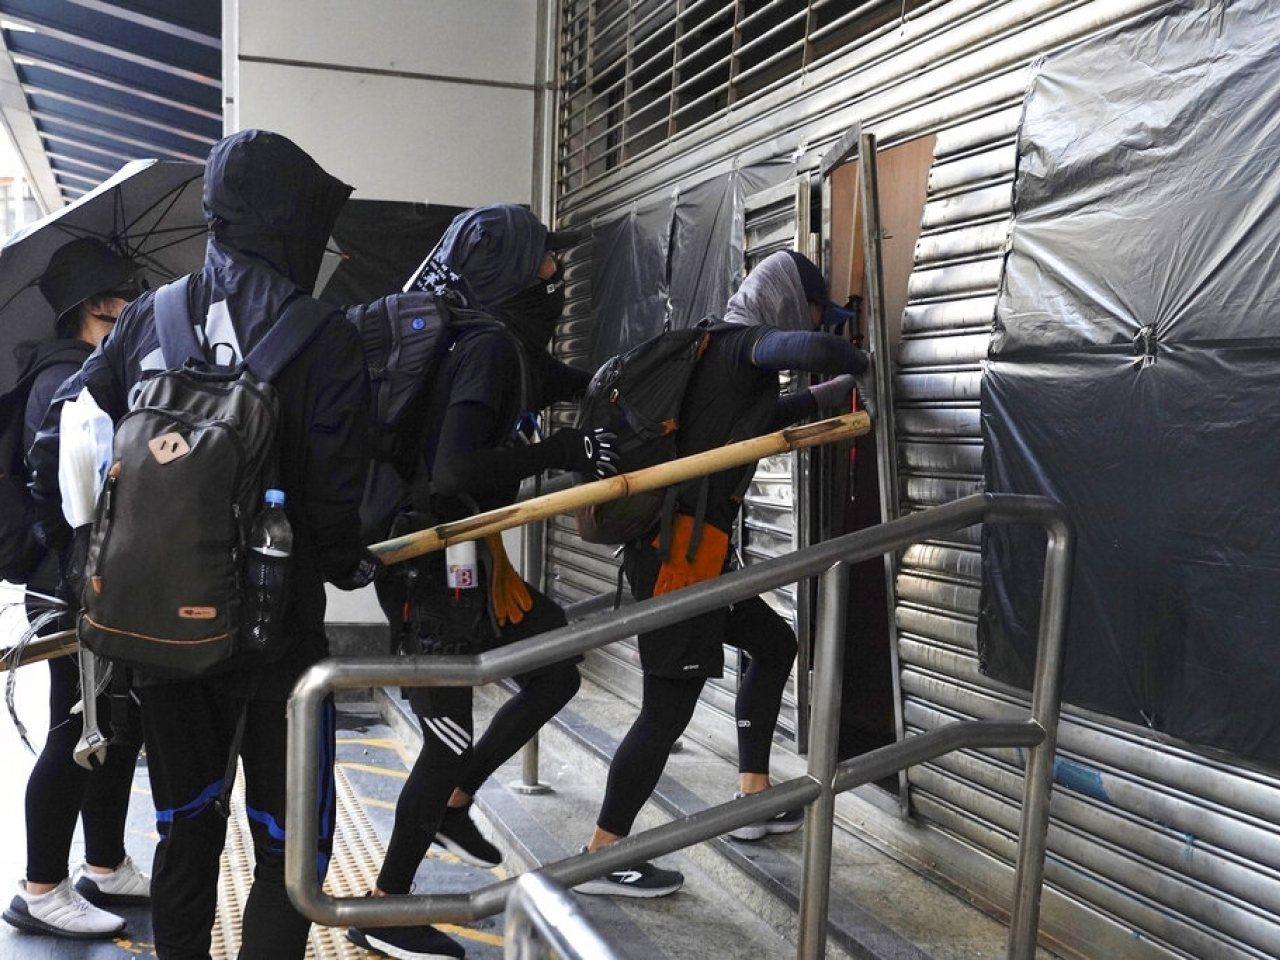 新華社時評認為近來香港各種暴力活動,尤其惡性襲警事件,已達瘋狂地步。(美聯社)